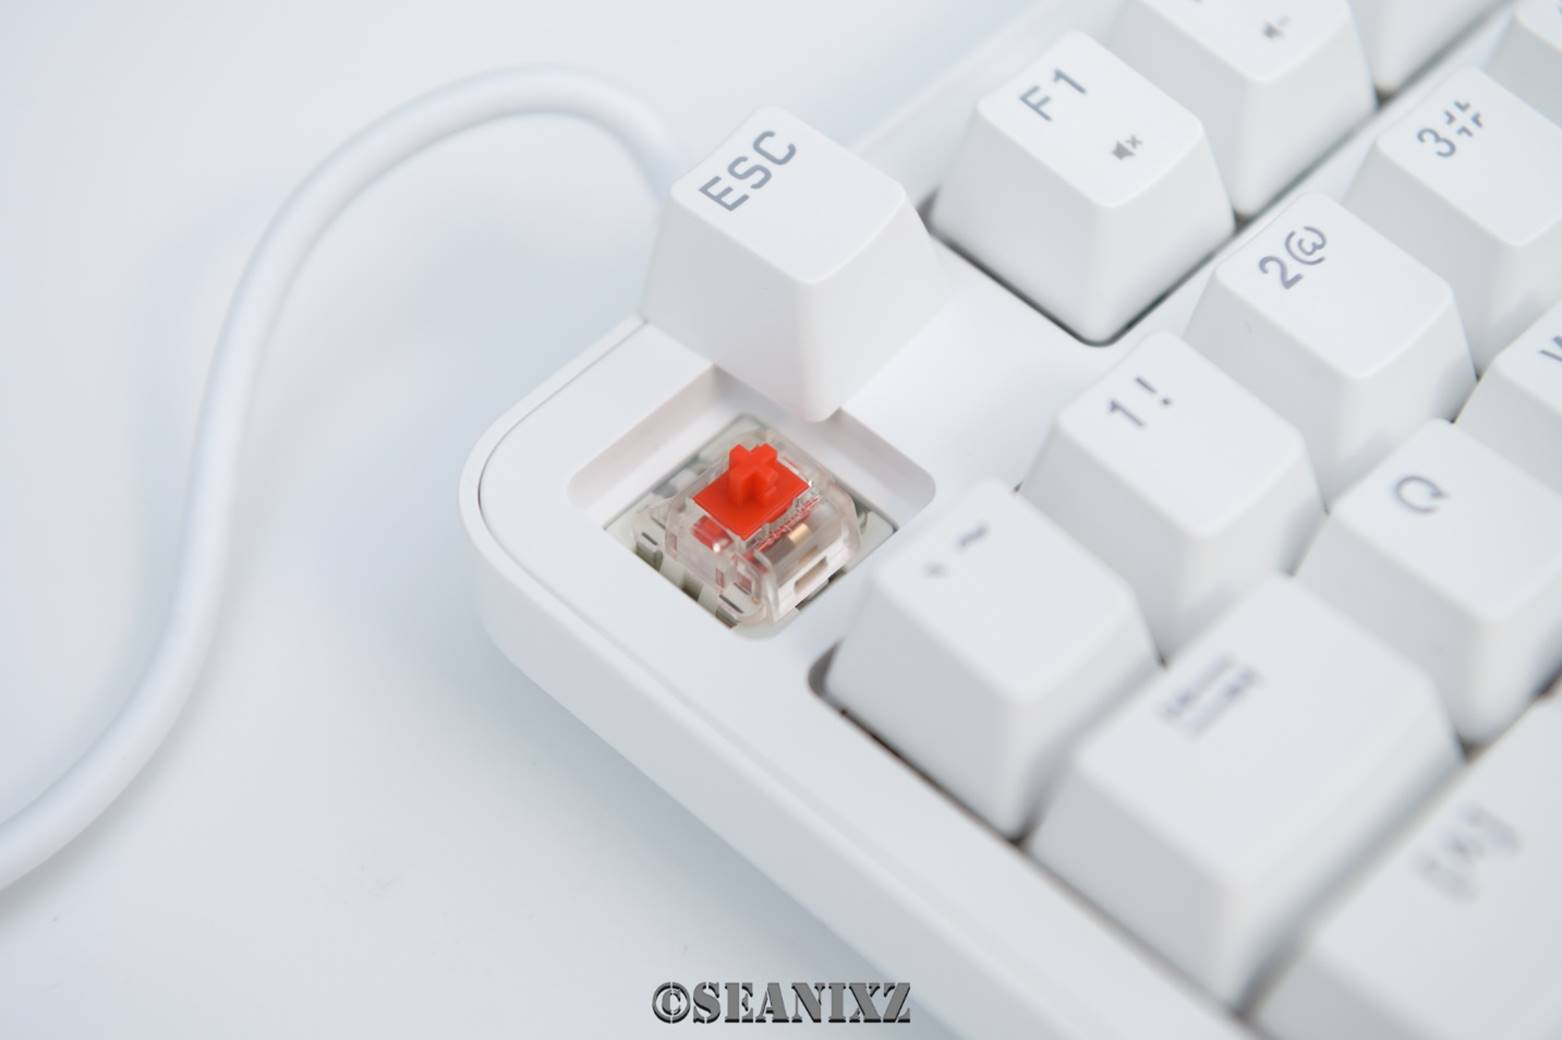 精致外形与极致手感:雷柏MT710办公机械键盘